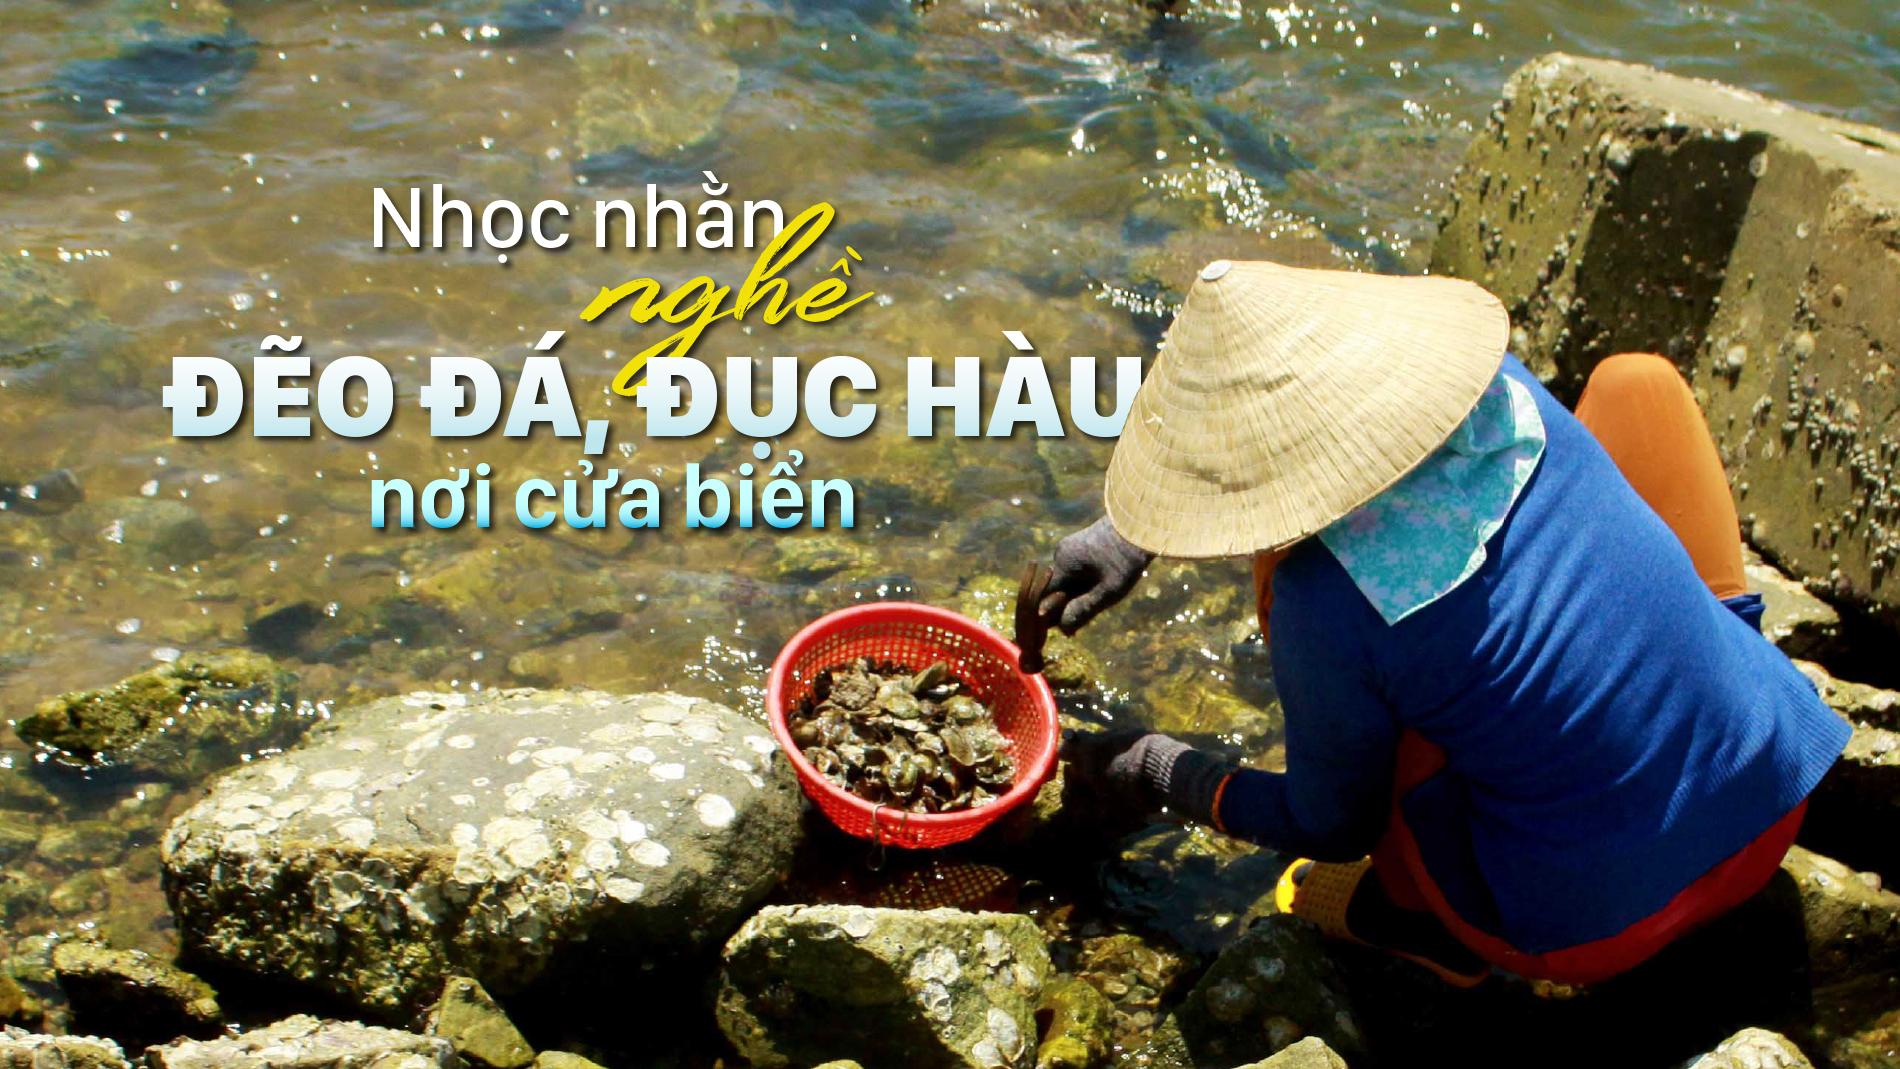 Nhọc nhằn nghề đẽo đá, đục hàu nơi cửa biển